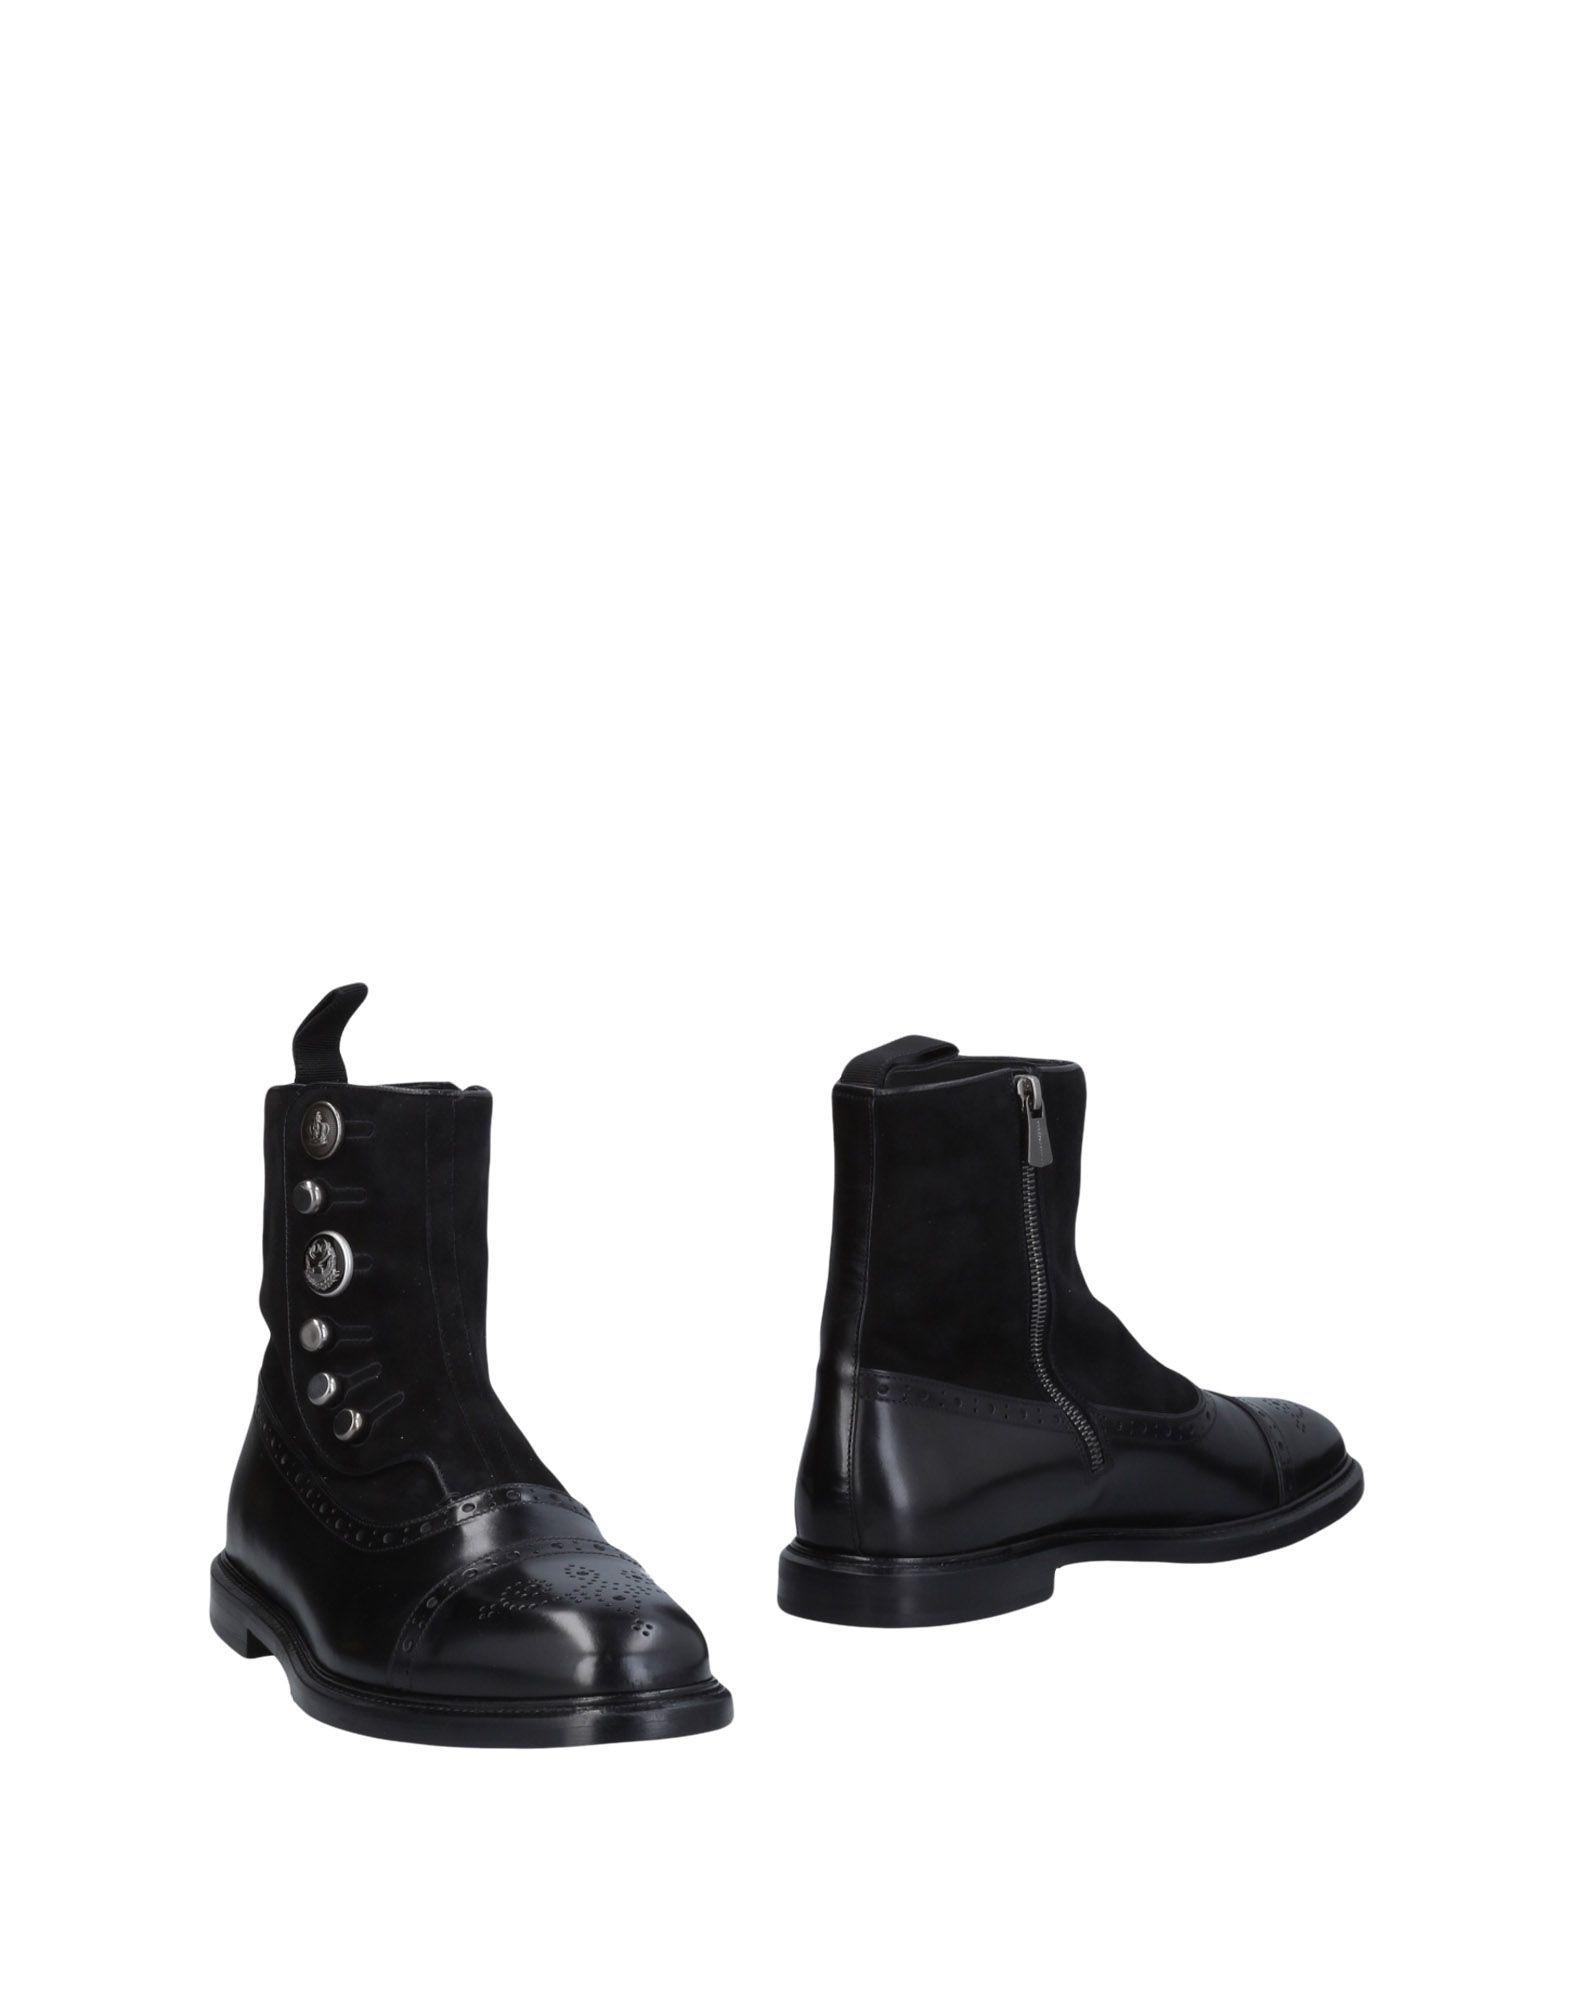 Dolce & Gabbana Stiefelette Herren  Schuhe 11465854FJ Gute Qualität beliebte Schuhe  01ce95